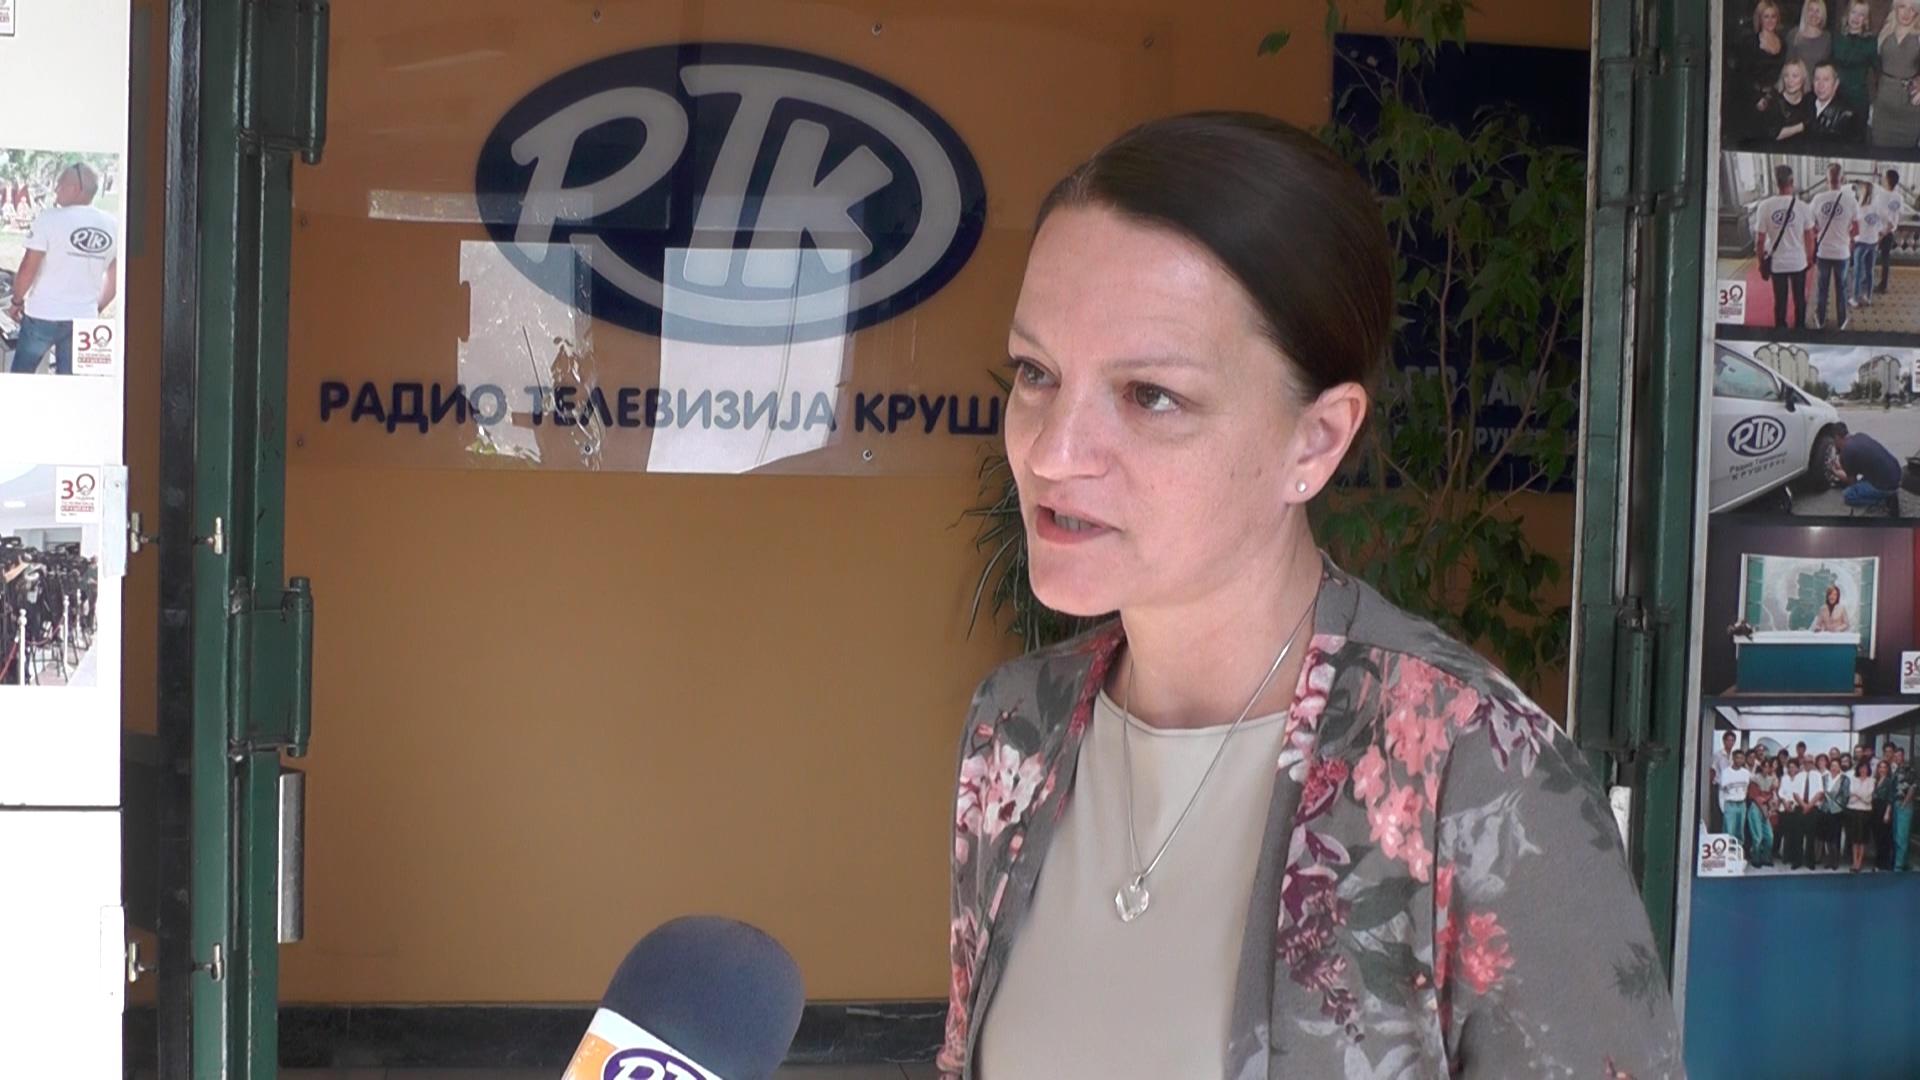 """U školi """"Jovan Jovanović Zmaj"""" u toku pripremni radovi na unutrašnjoj gasnoj infrastrukturi"""